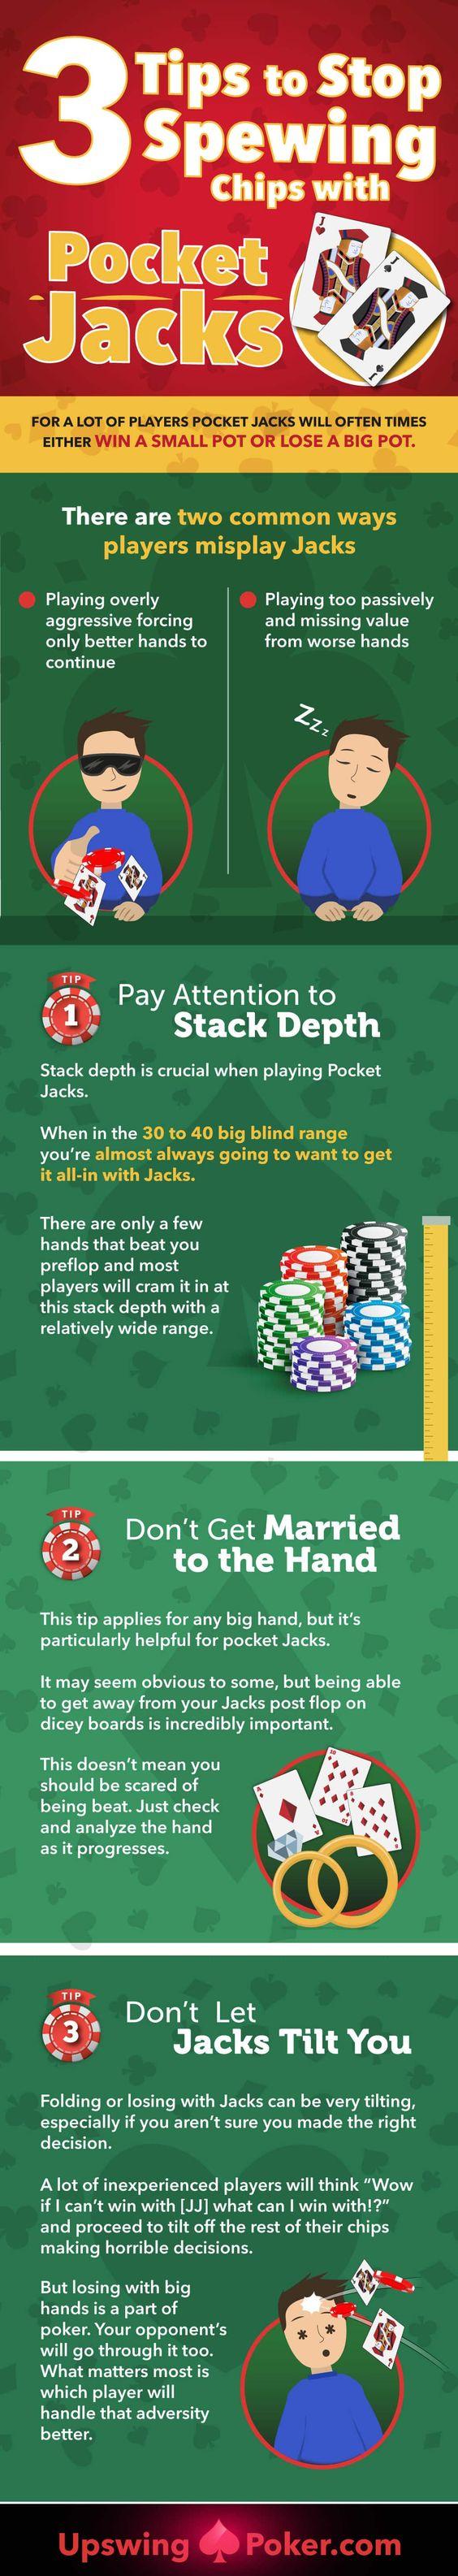 bc475526a86ee2f153d1cc85ded81896 - Pesta Poker: Tips untuk Mengatur Killer Party